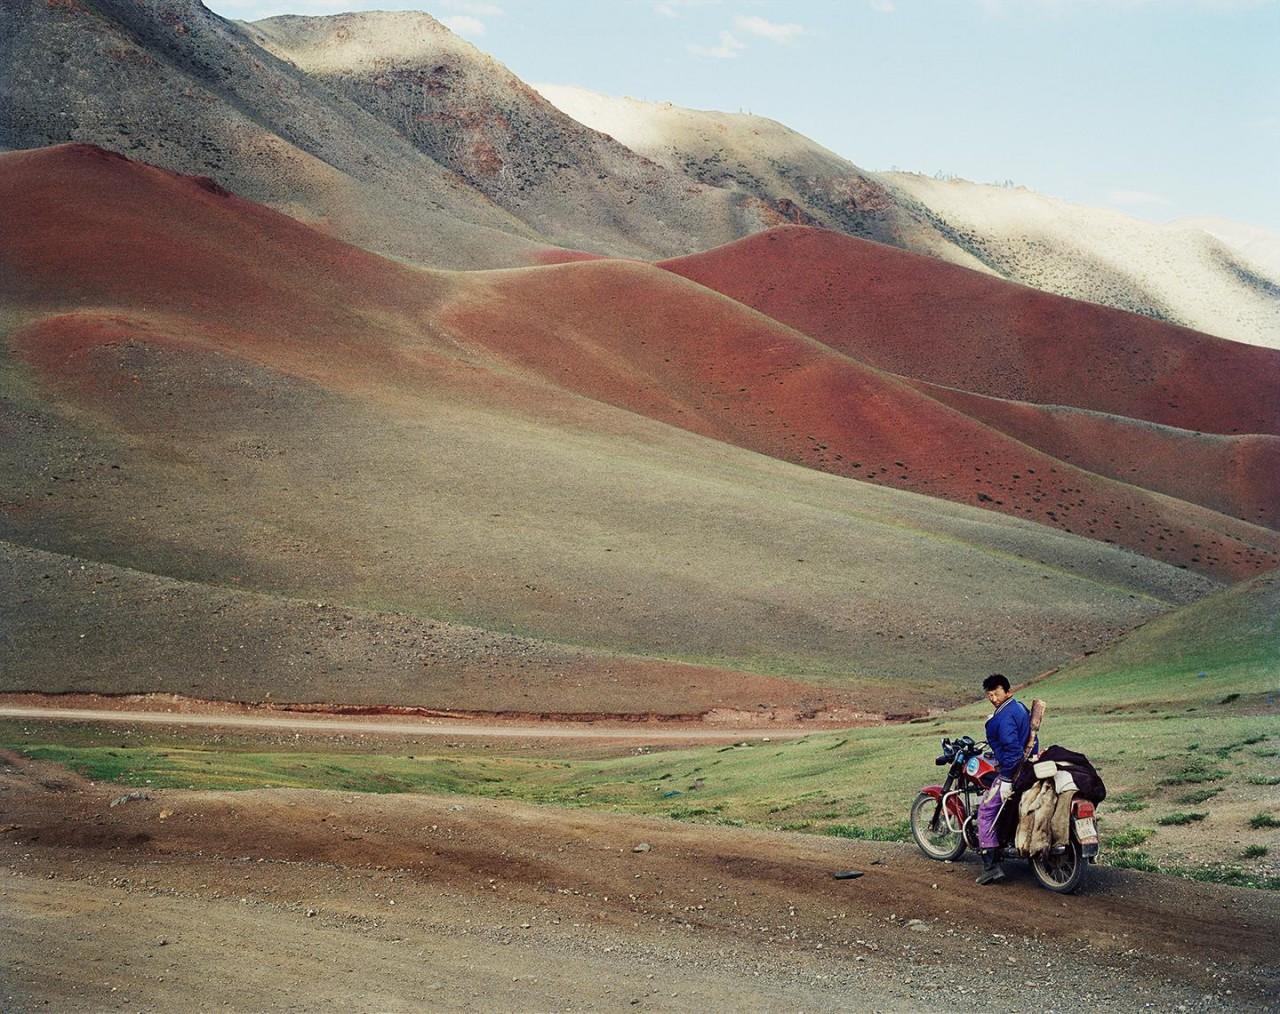 Невероятная Монголия: французский фотограф рассказал о своей любви к стране, по которой путешествует 17 лет